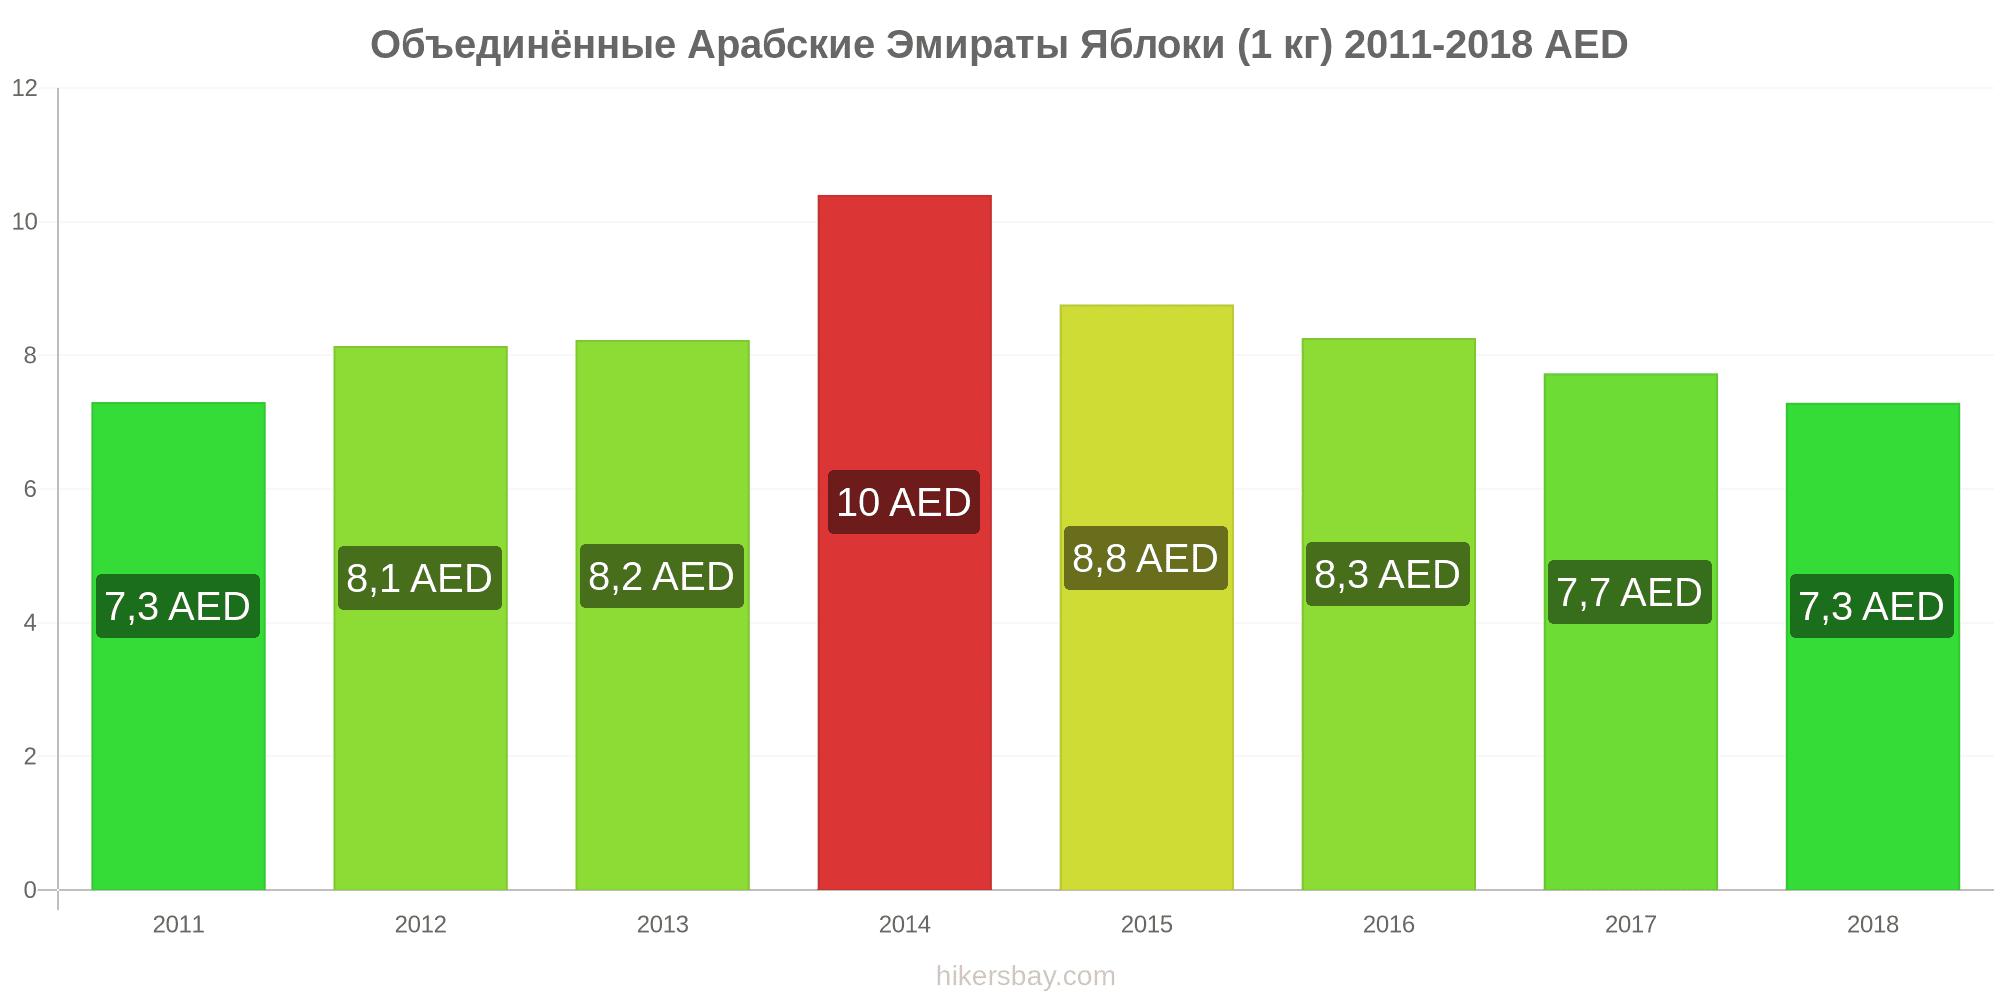 Цены в оаэ цены 2016 авиабилеты в дубай из москвы дешево